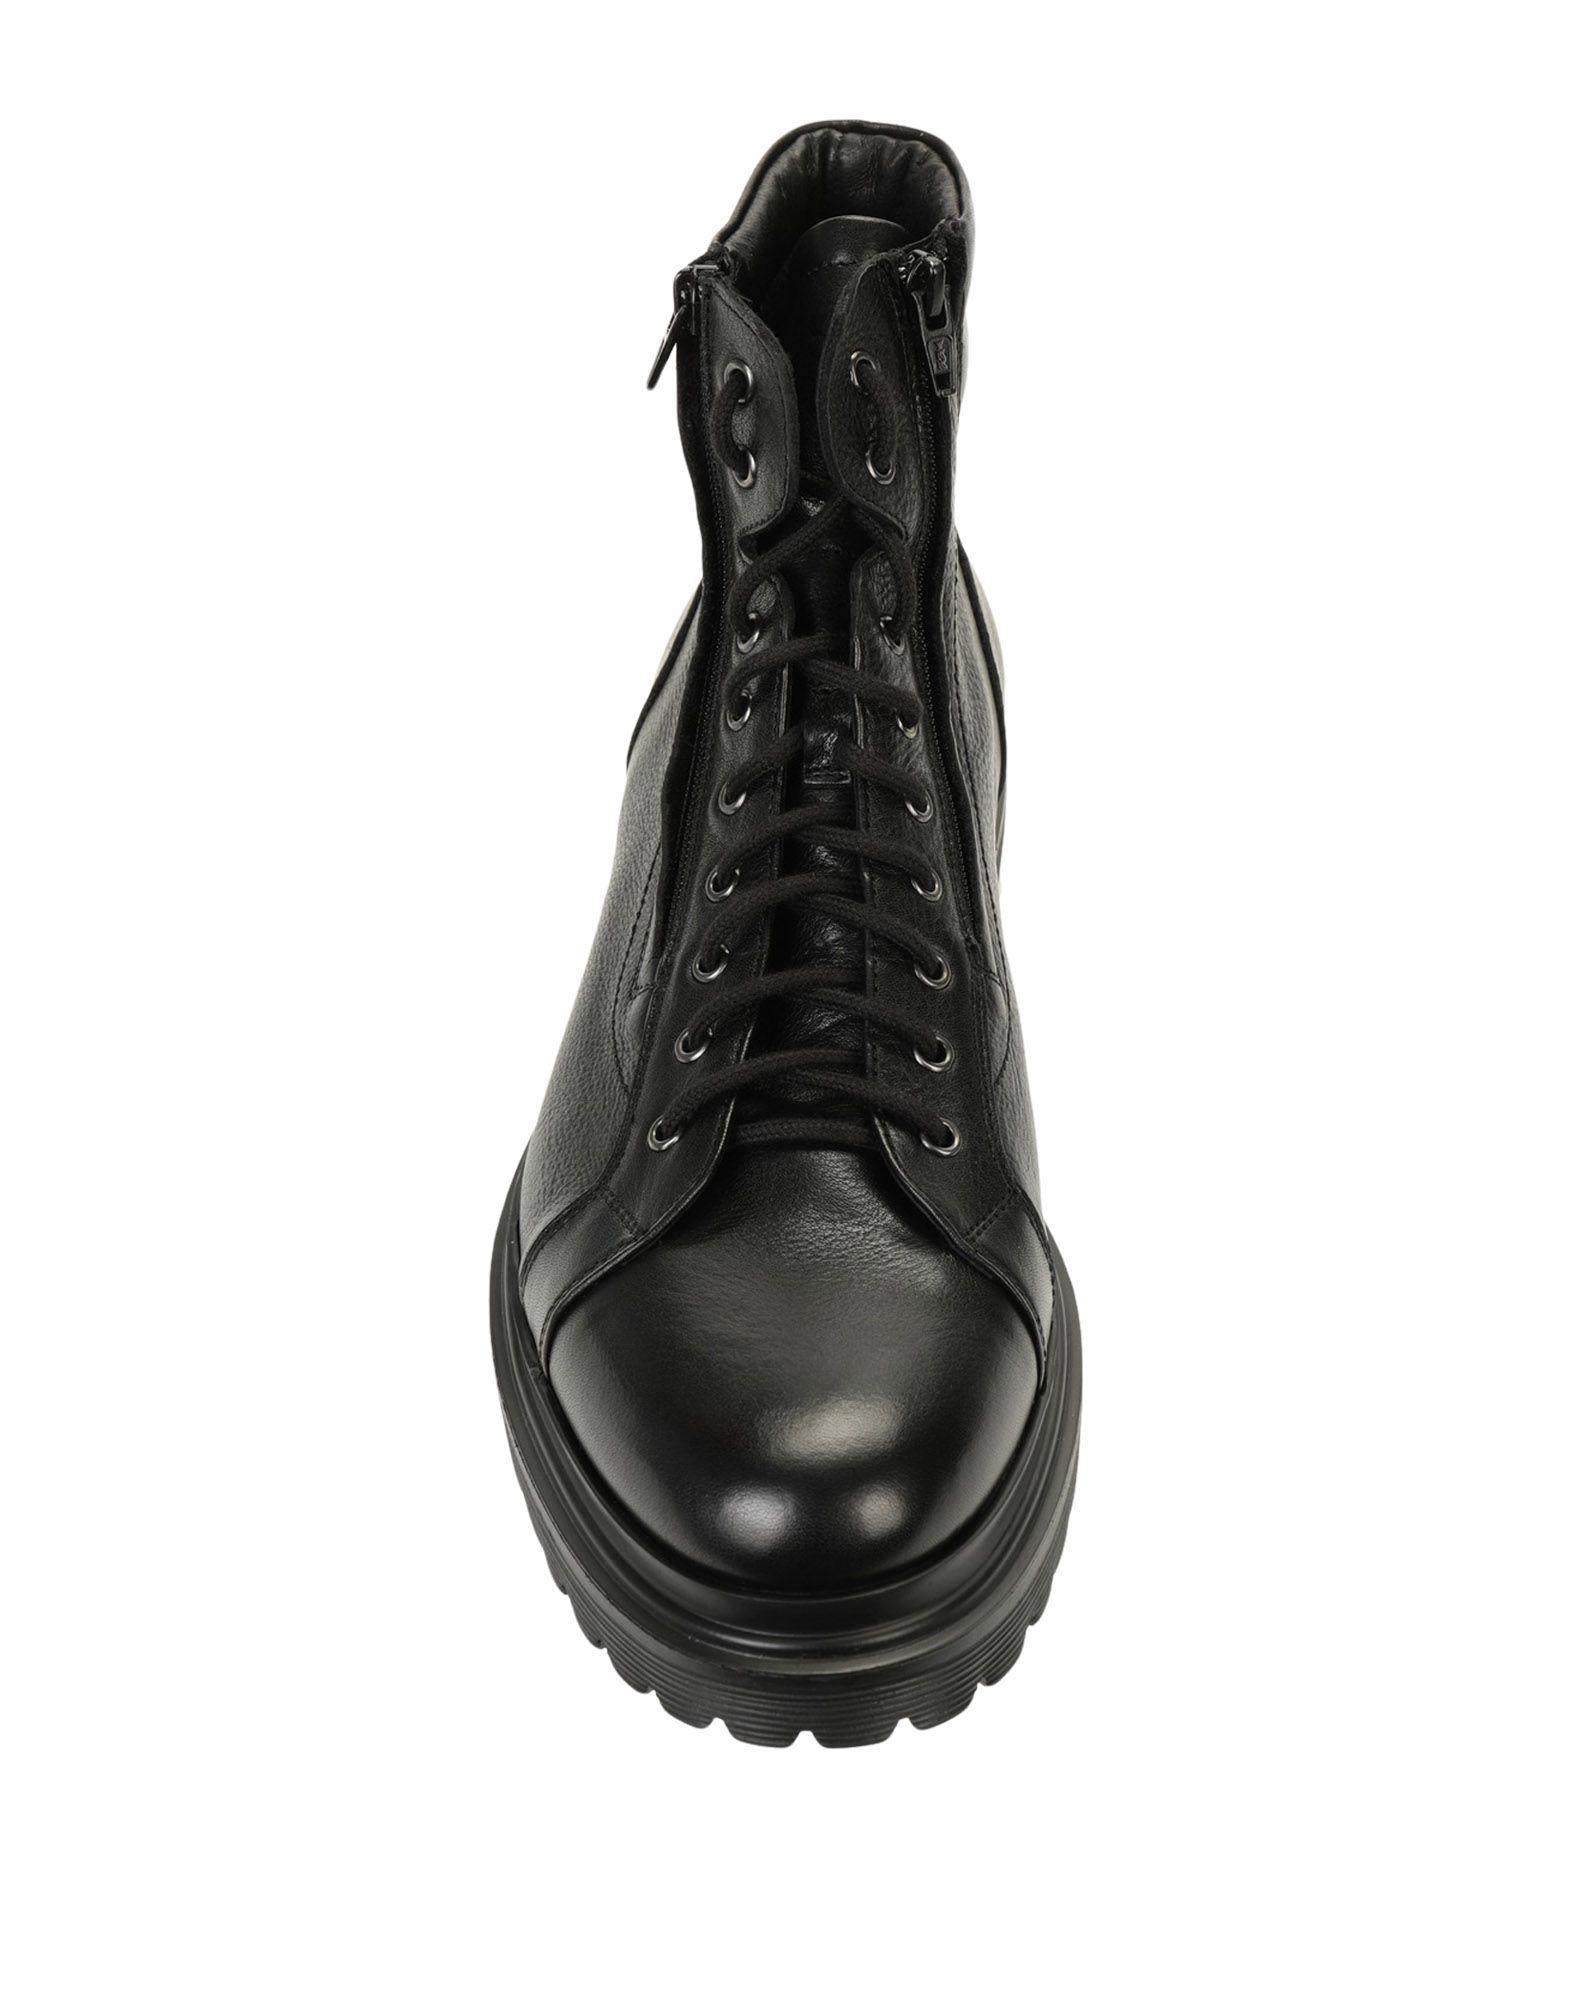 Maldini Stiefelette Herren  11537842KR Gute Qualität beliebte Schuhe